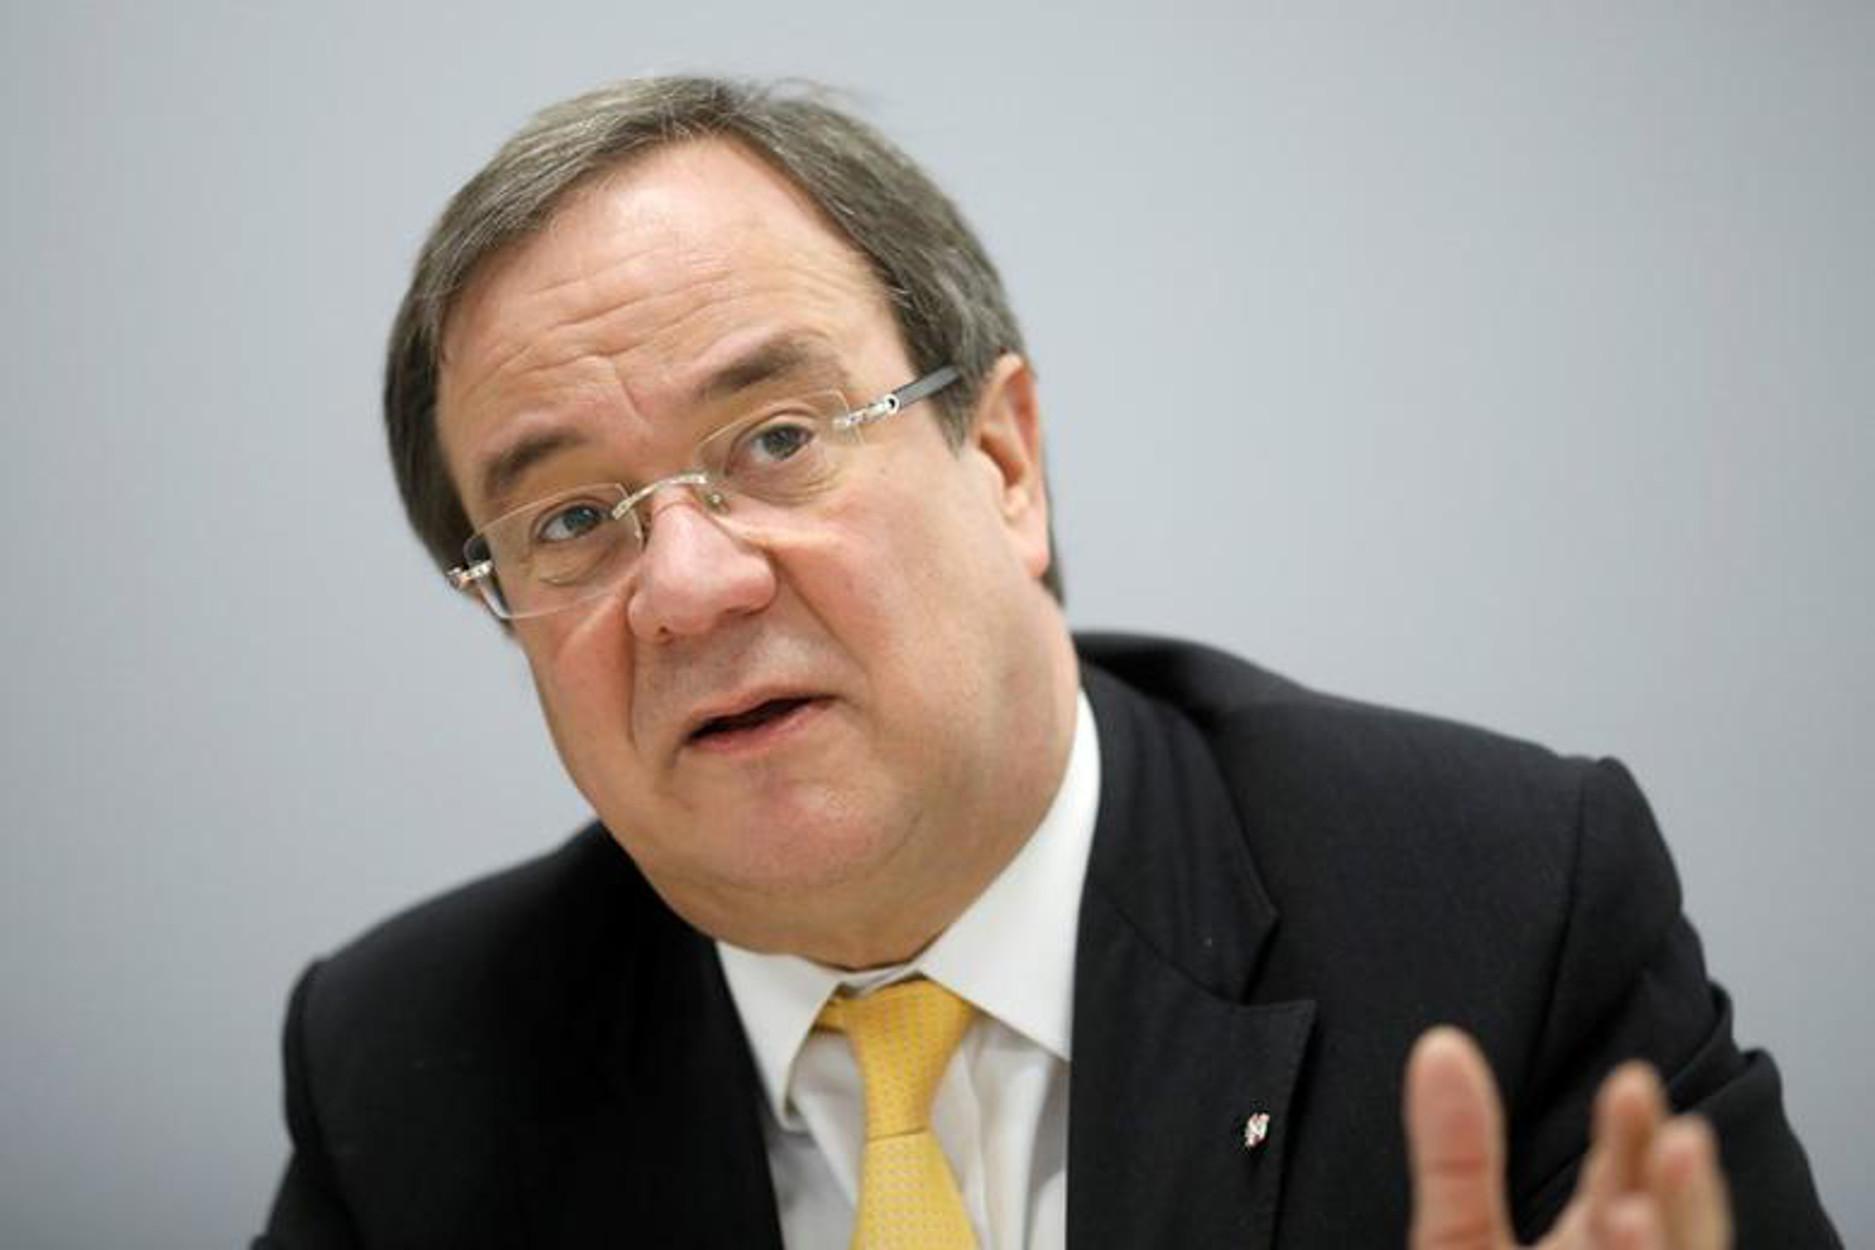 Εκλογές Γερμανία: Κάνει πίσω ο αρχηγός του CSU για το χρίσμα – Υποψήφιος καγκελάριος ο Άρμιν Λάσετ